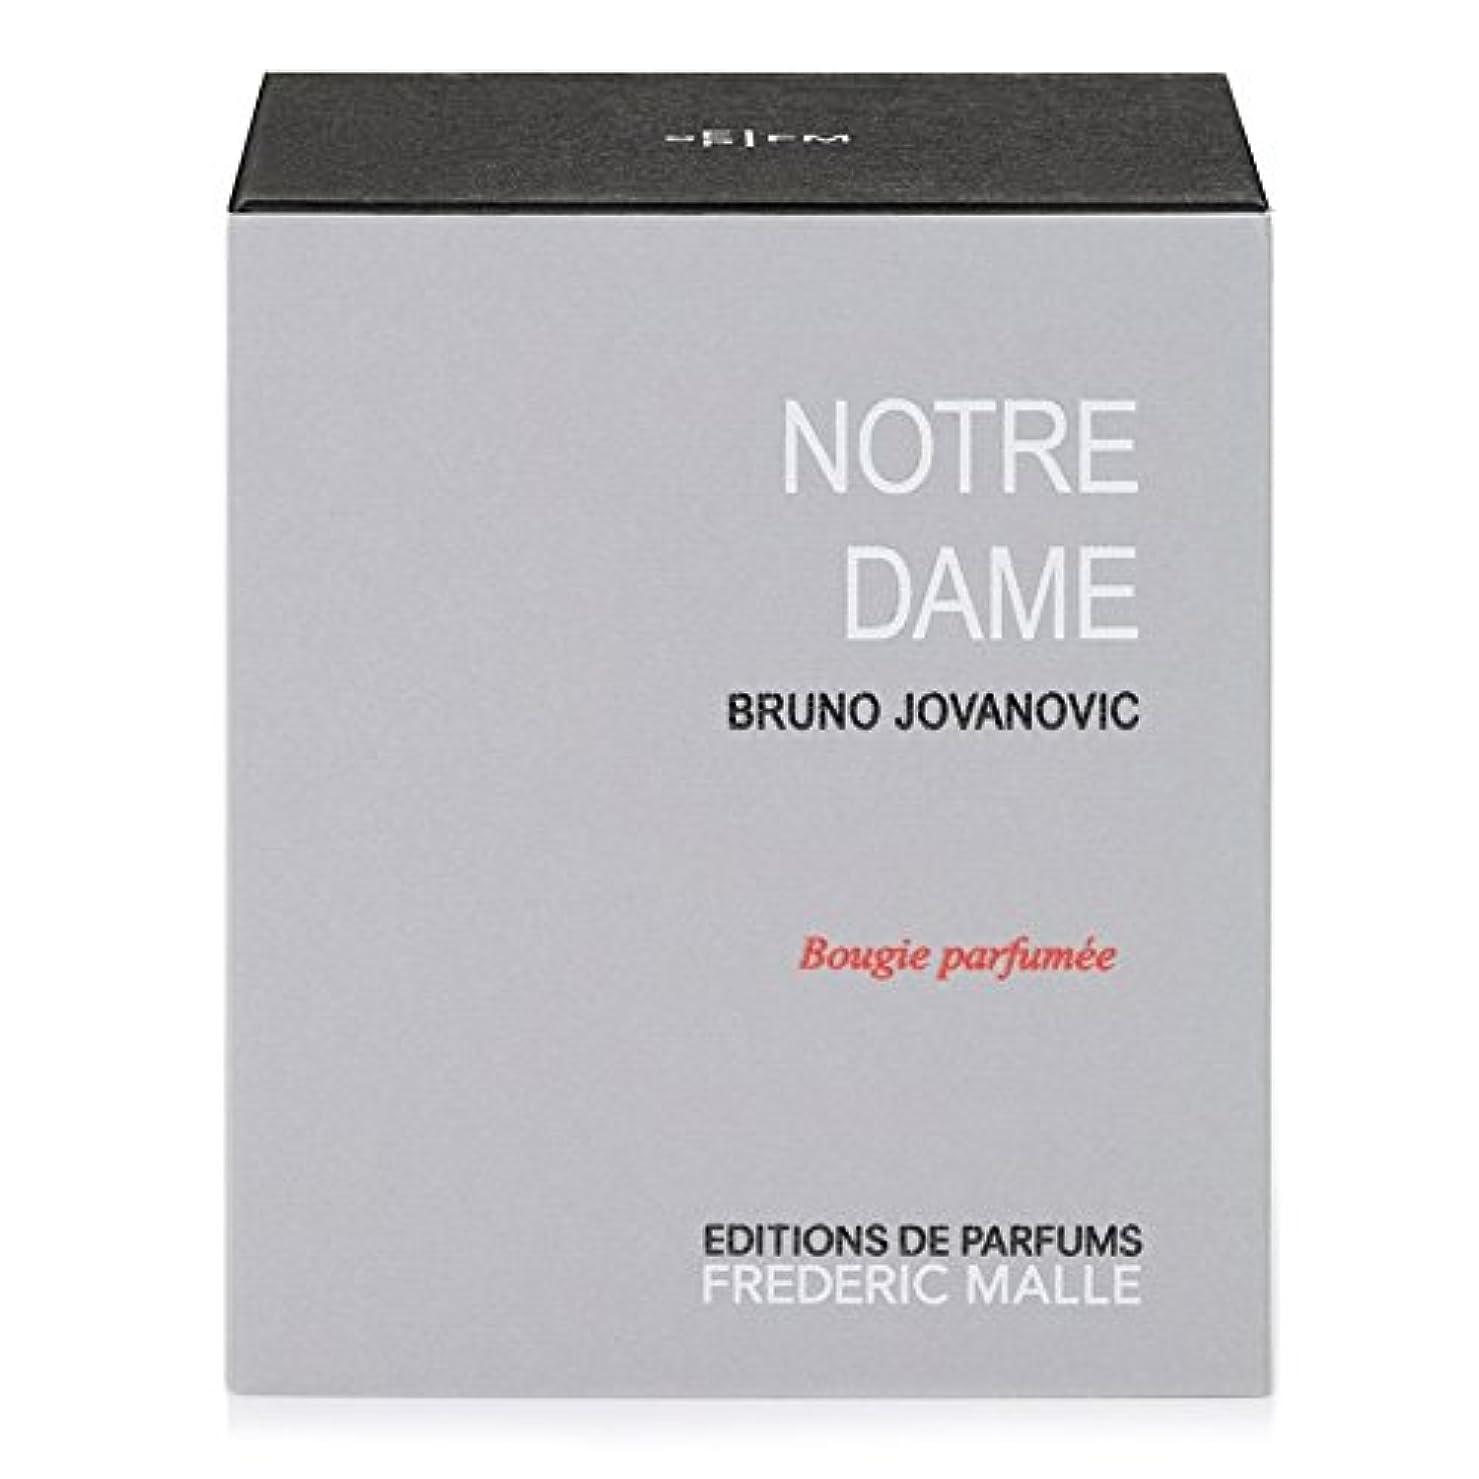 広まった保護ダイヤモンドFrederic Malle Notre Dame Scented Candle 220g - フレデリック?マルノートルダム香りのキャンドル220グラム [並行輸入品]